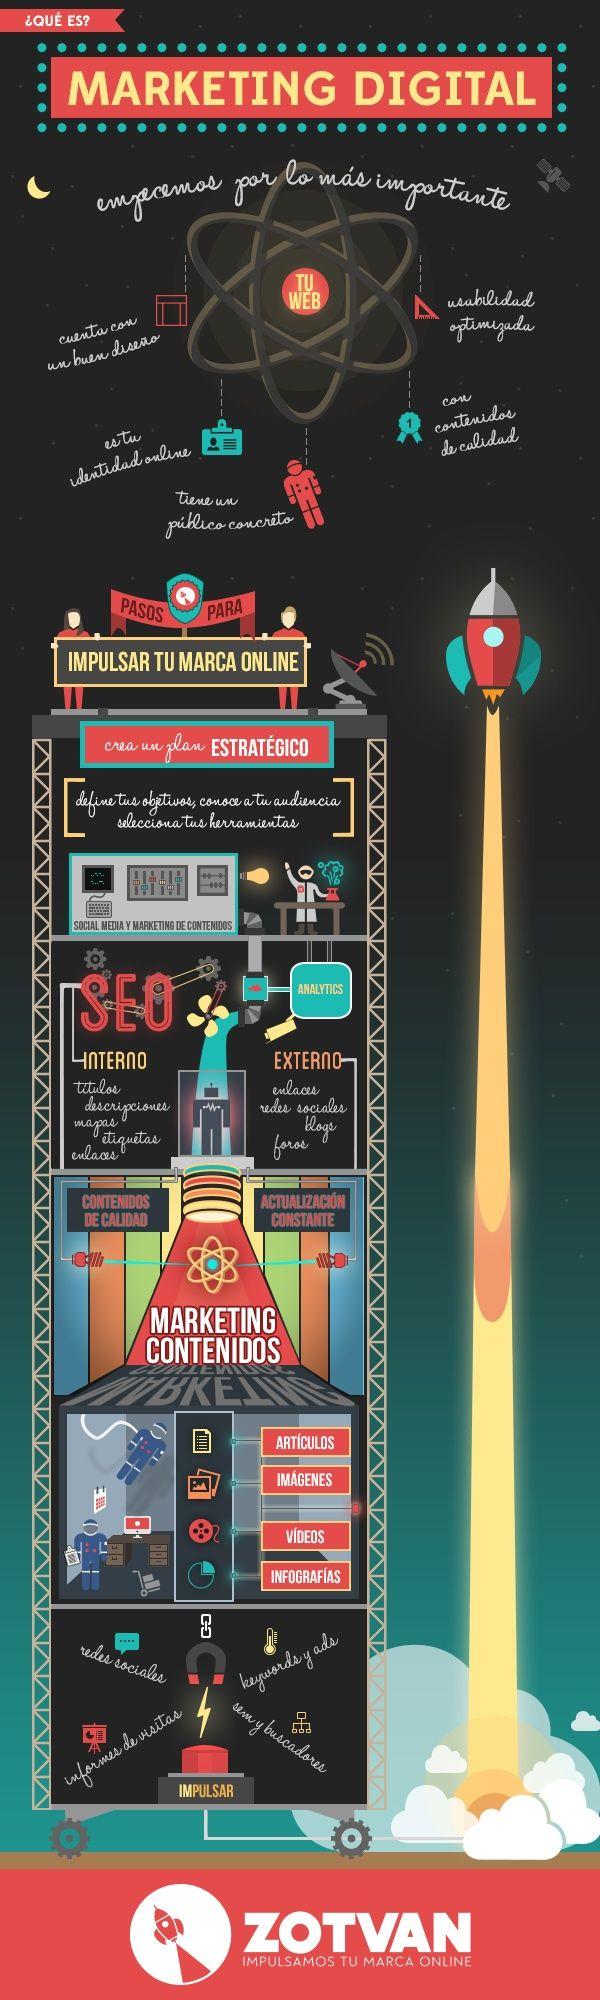 Qué es el Marketing Digital #infografia #infographic #marketing